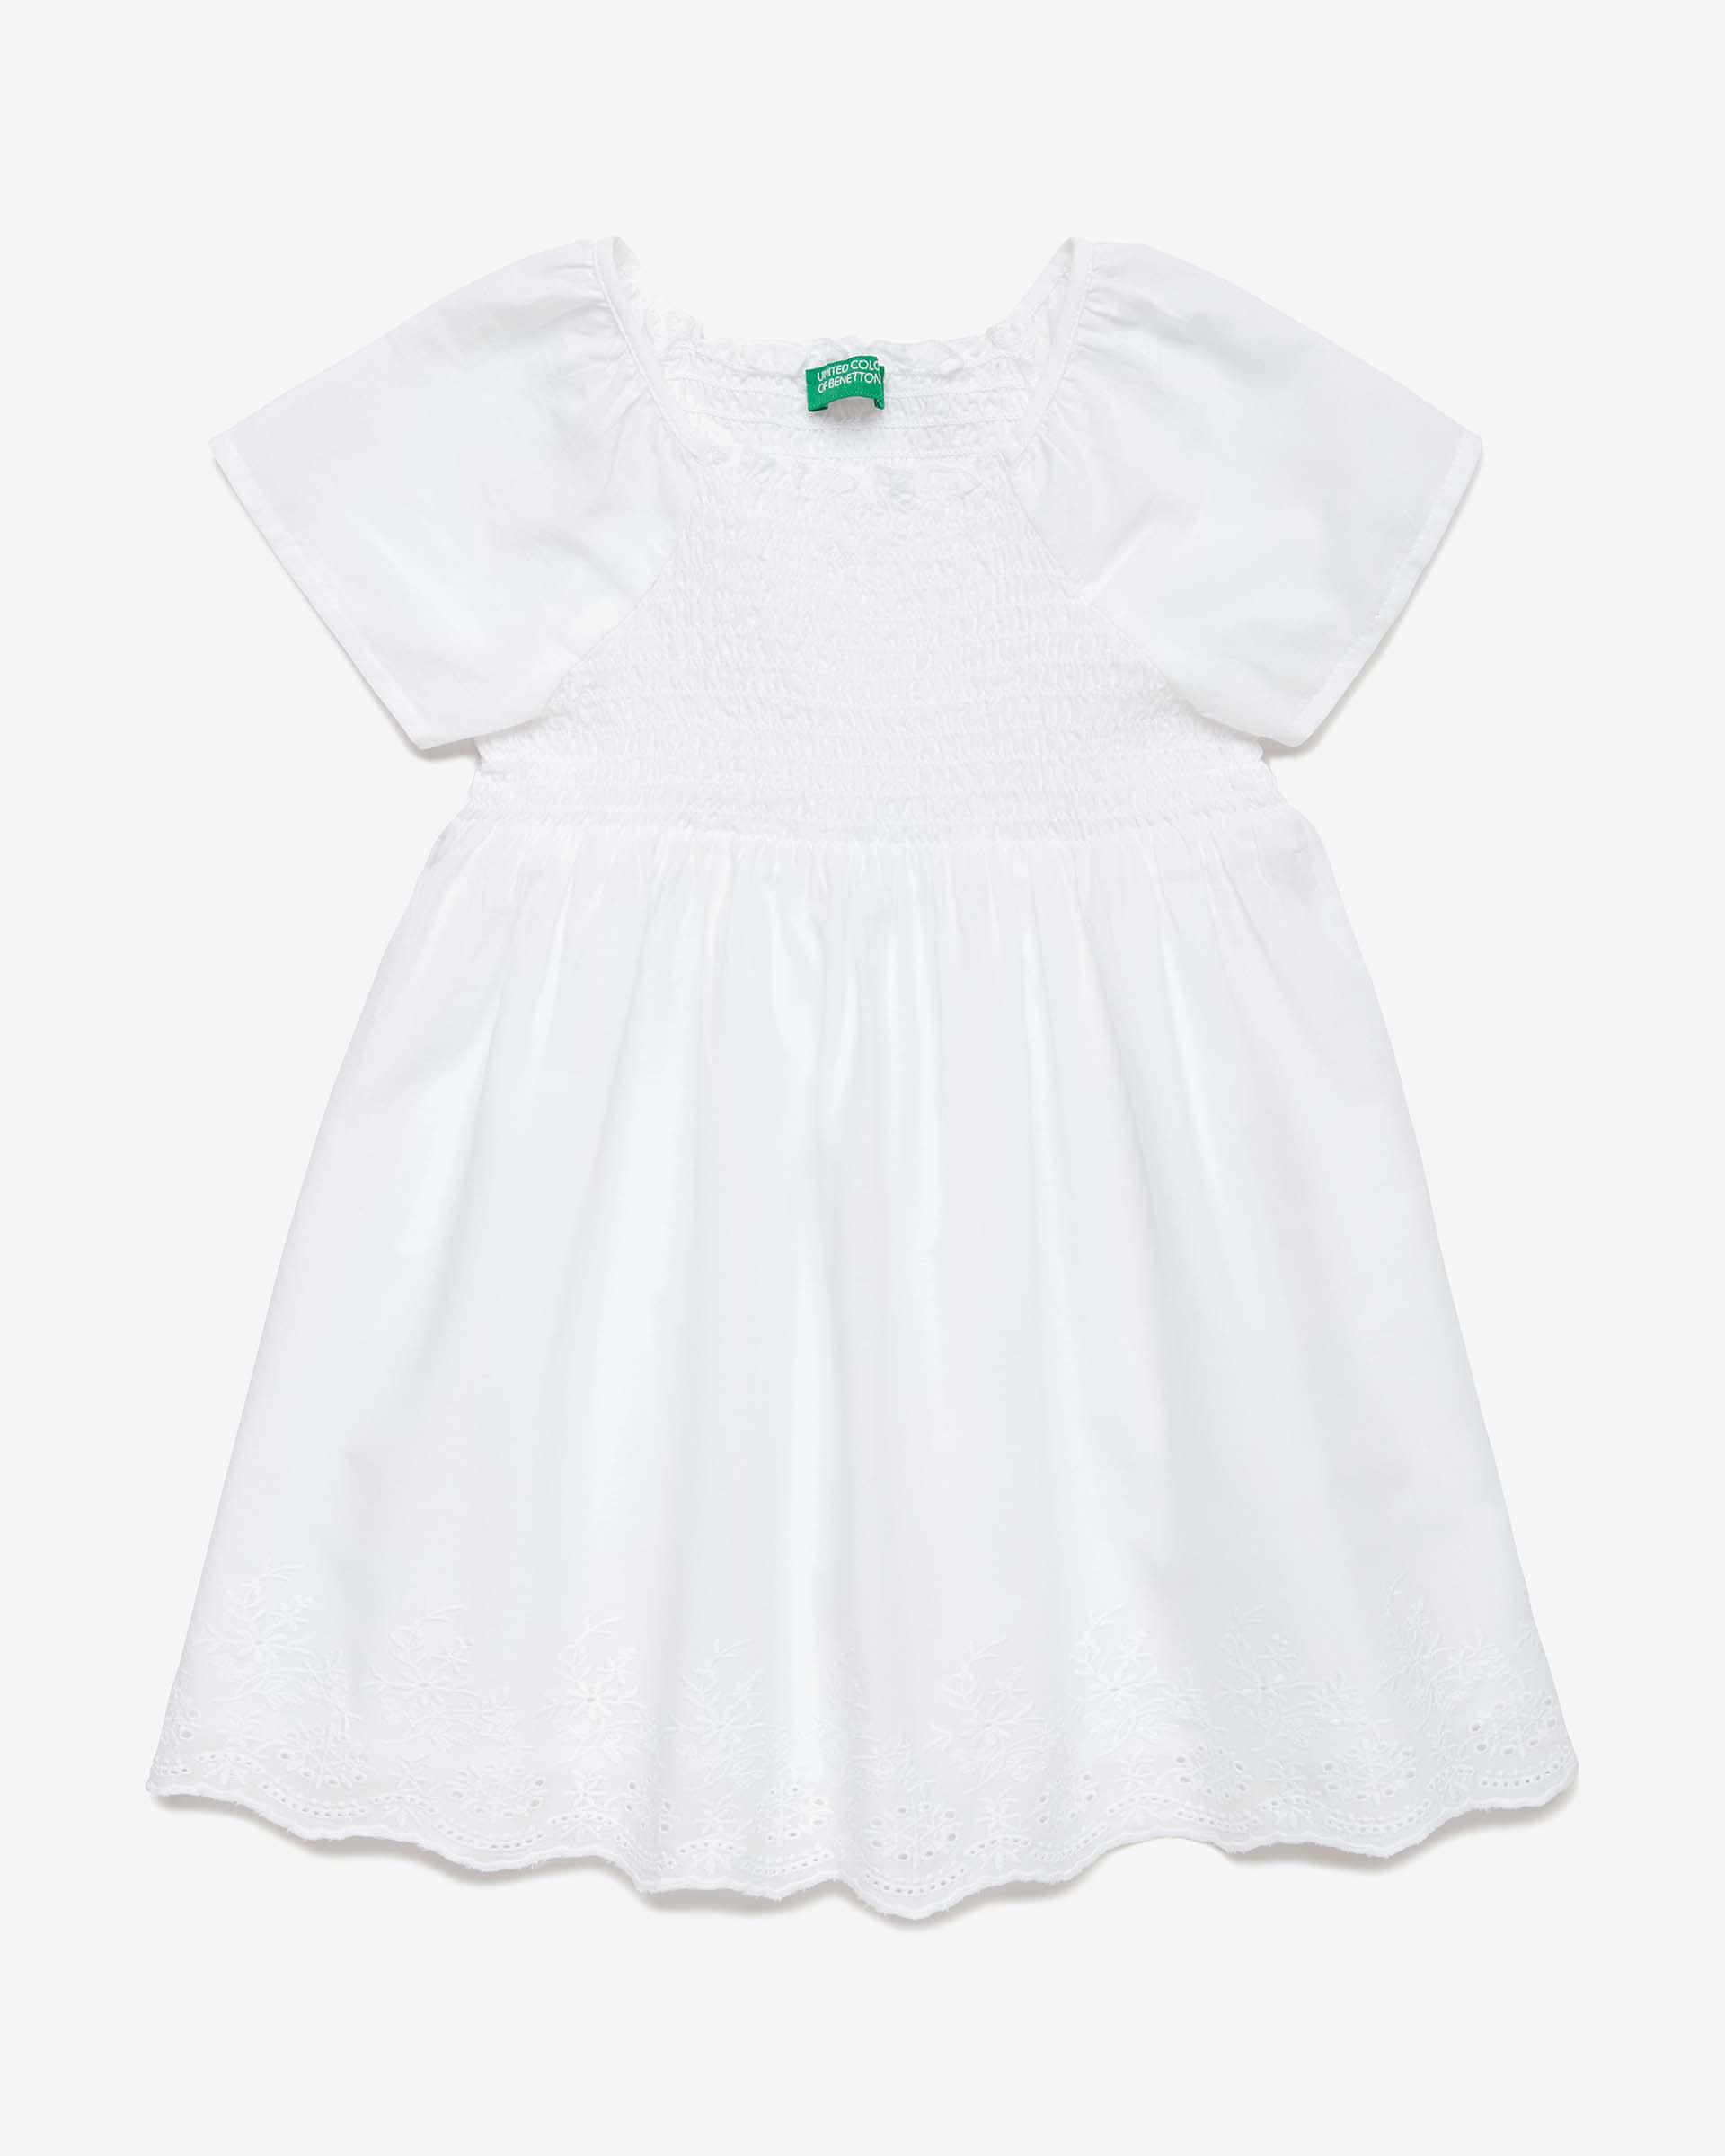 Купить 20P_4JO15V2MP_101, Платье для девочек Benetton 4JO15V2MP_101 р-р 92, United Colors of Benetton, Платья для новорожденных